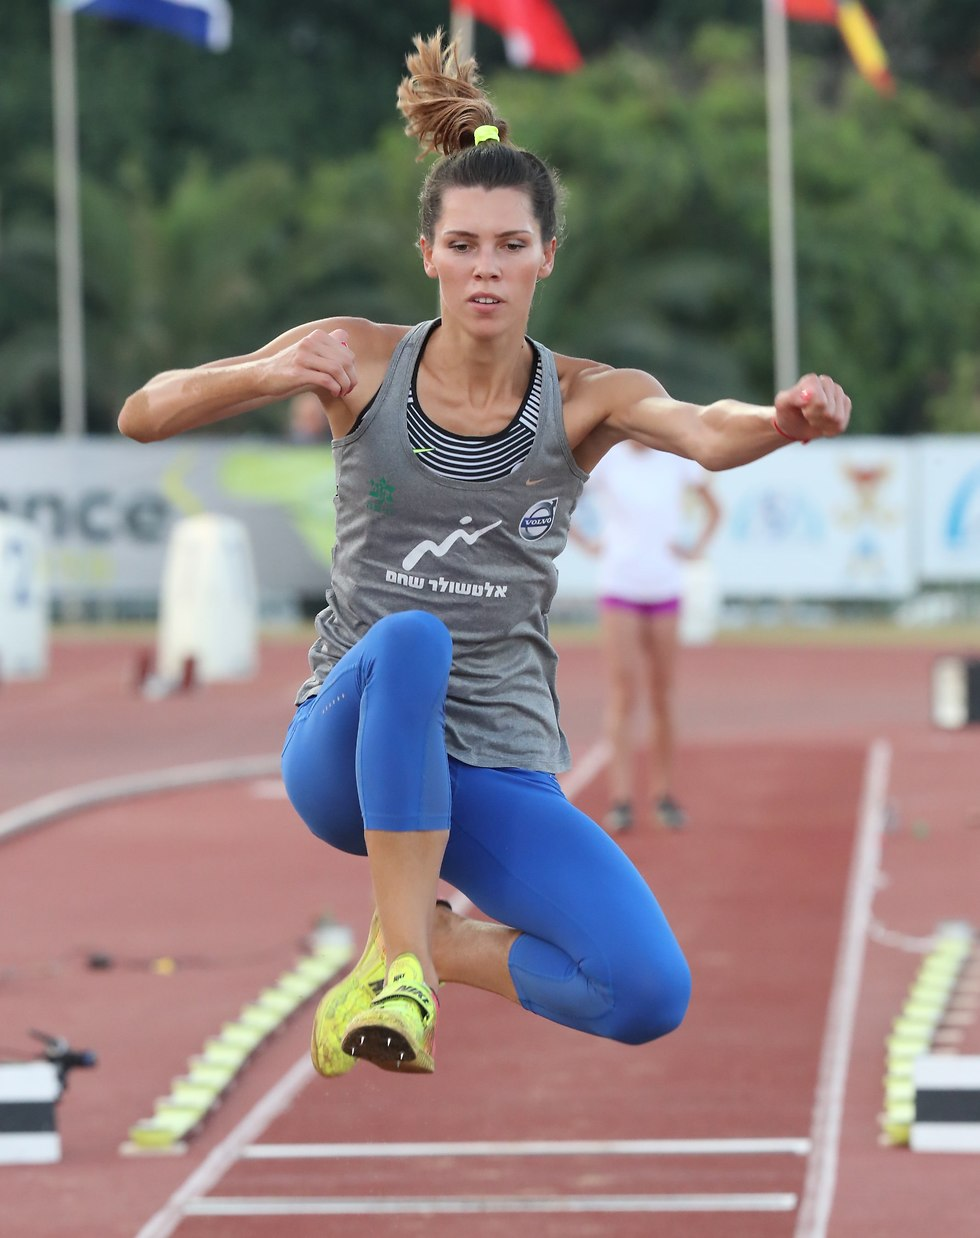 חנה מיננקו באליפות ישראל (צילום: אורן אהרוני)